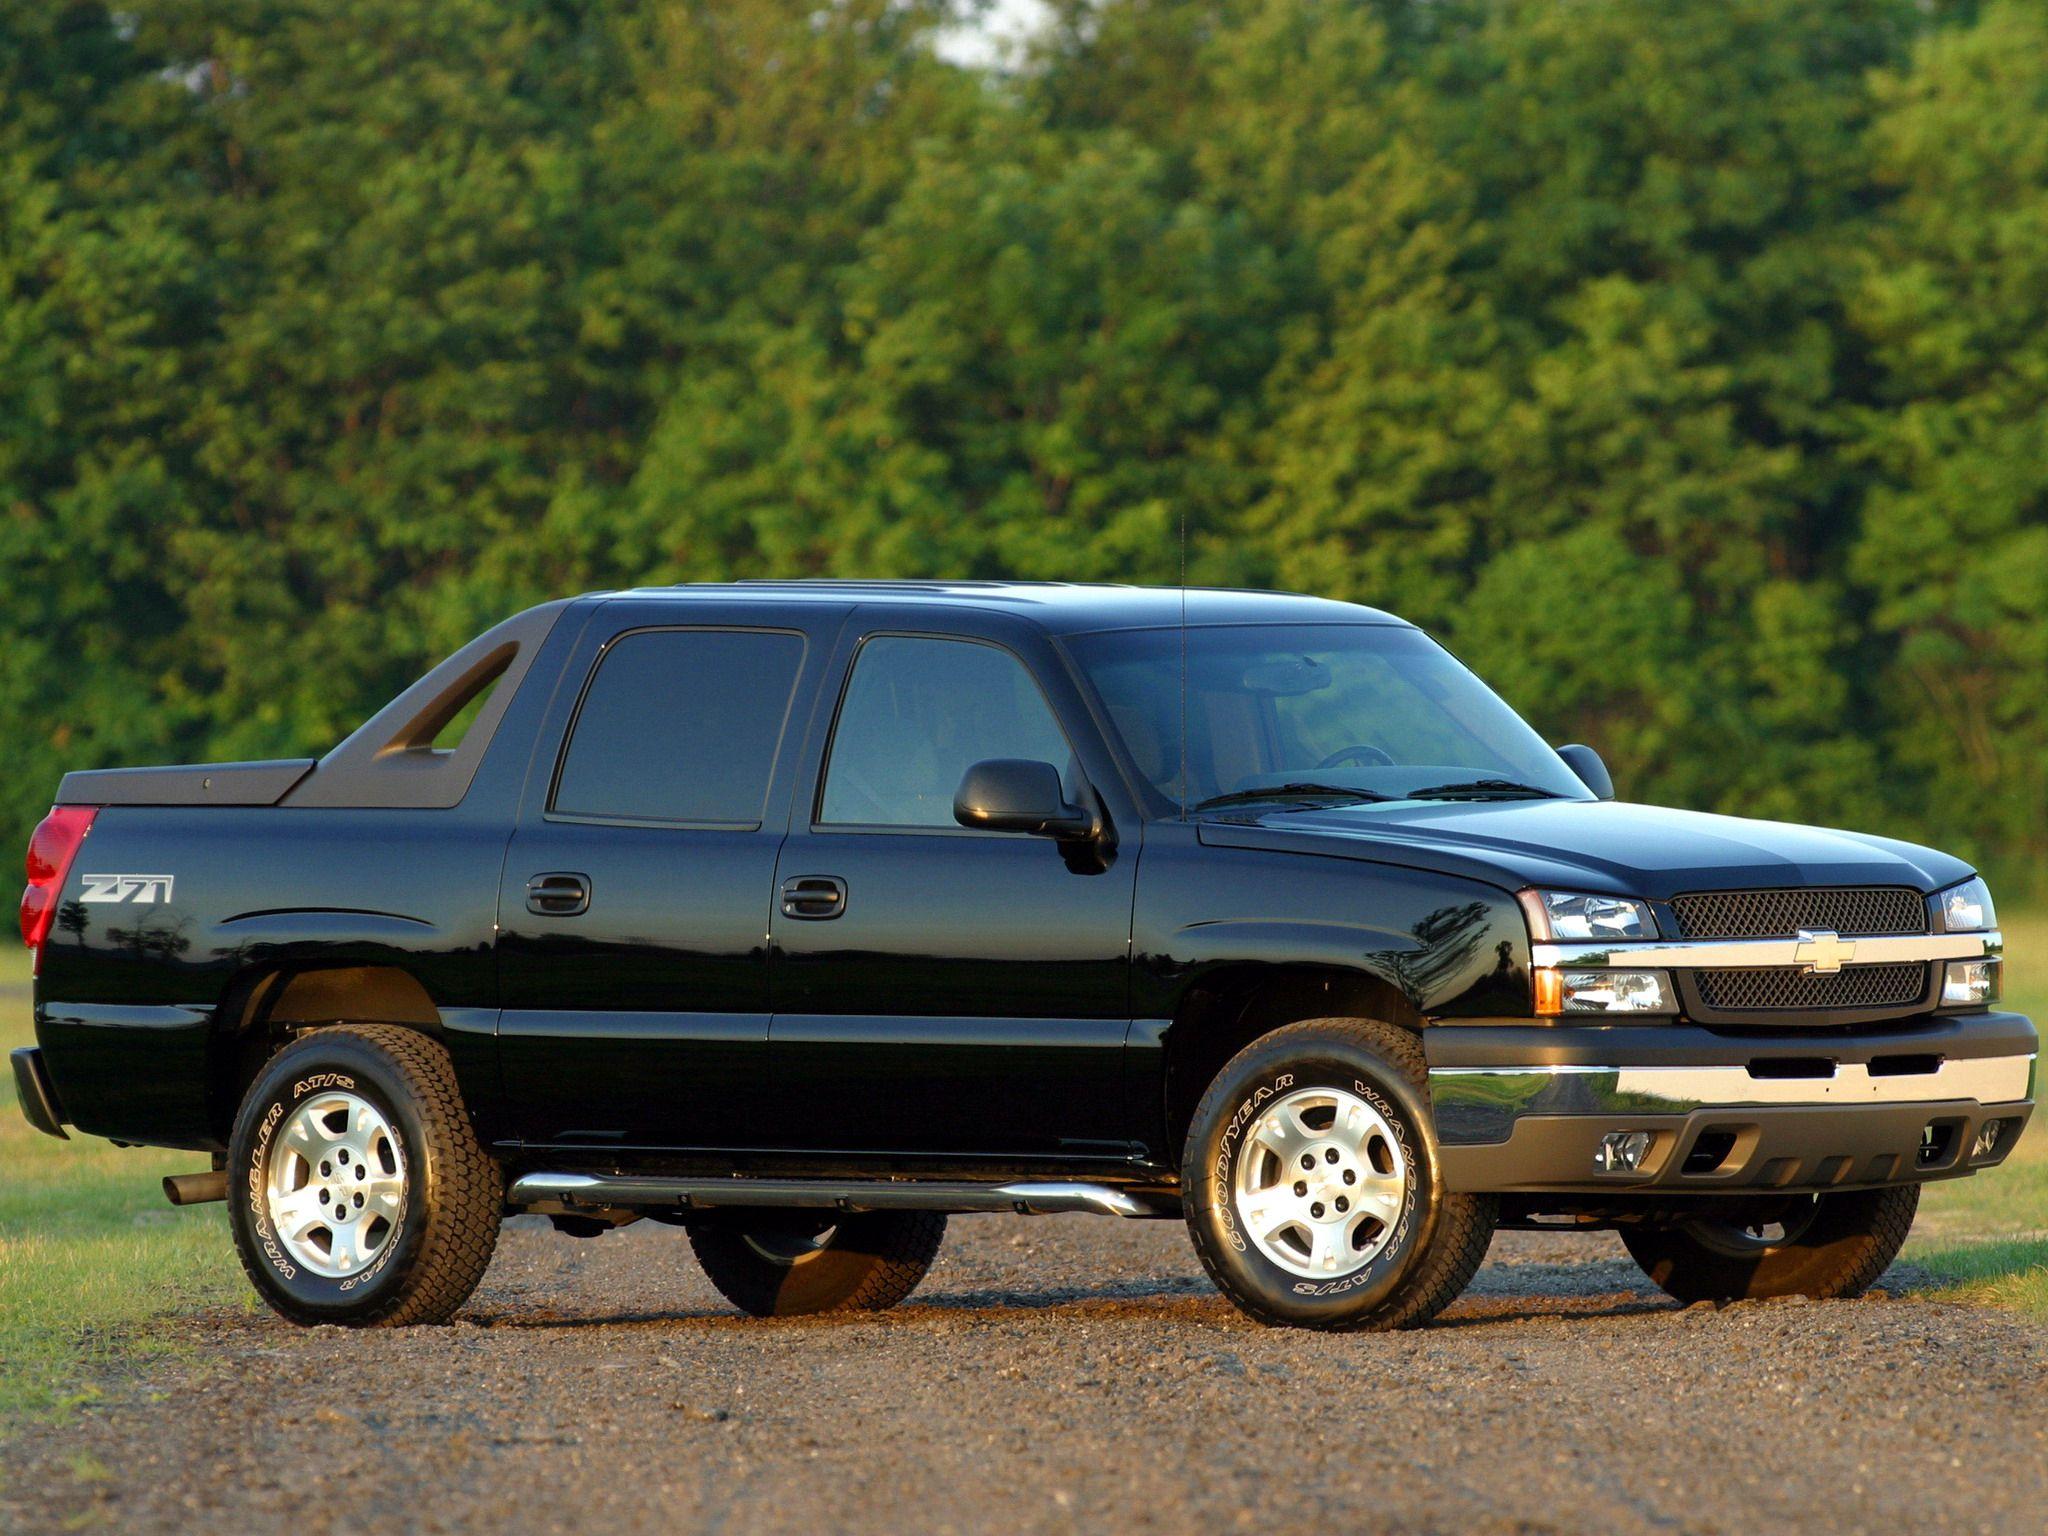 2002 Chevrolet Avalanche Z71 Chevy Avalanche Chevrolet Chevy